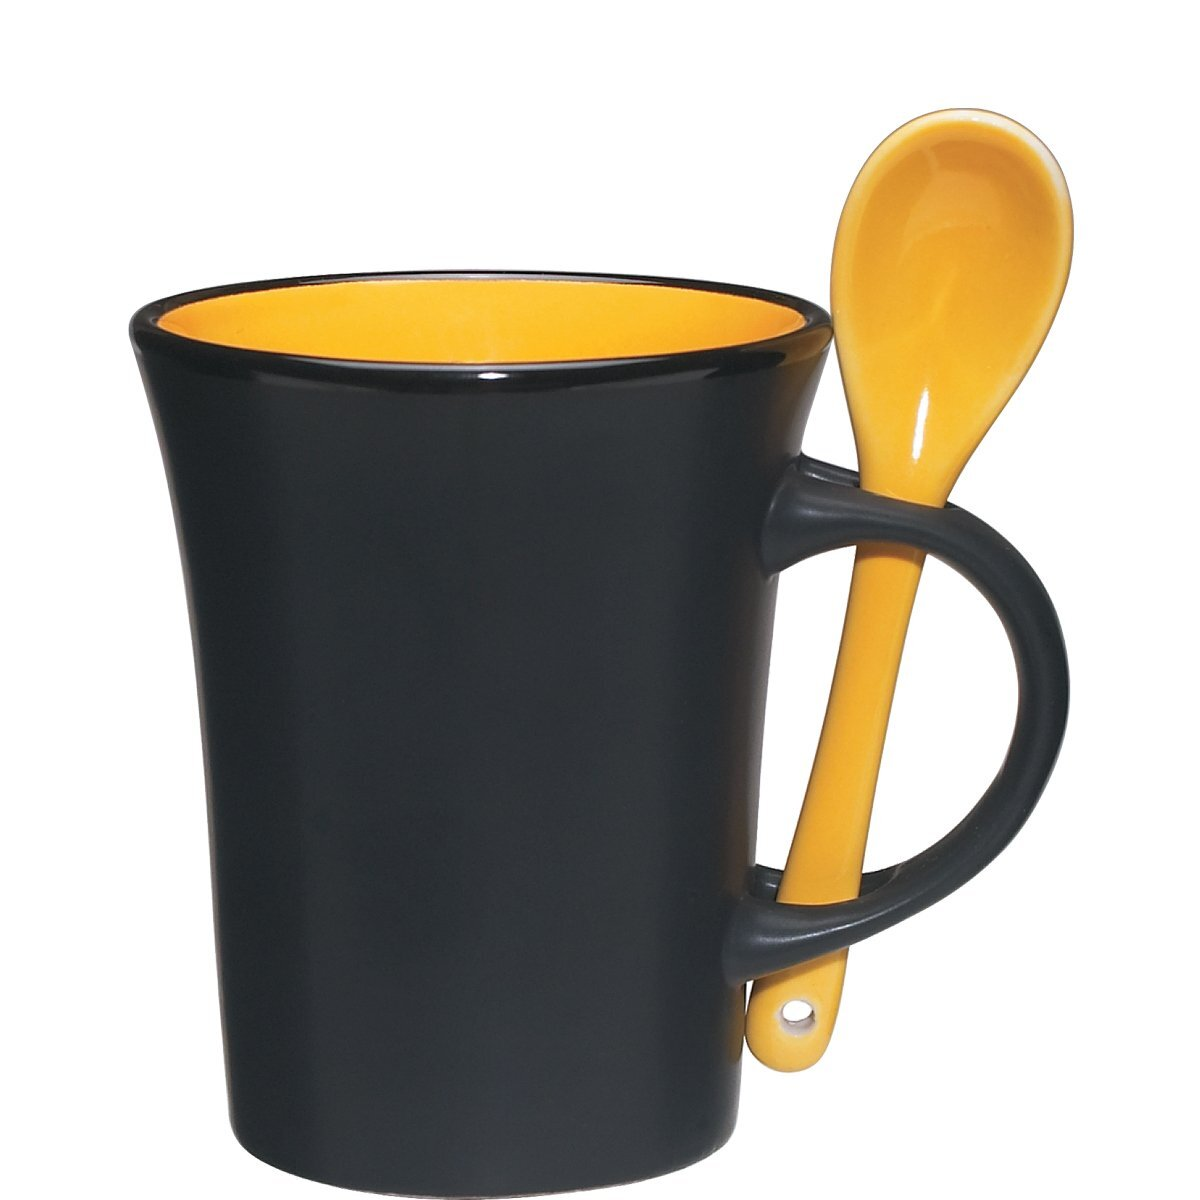 Cosmic Spooner Ceramic Mug, 10oz.